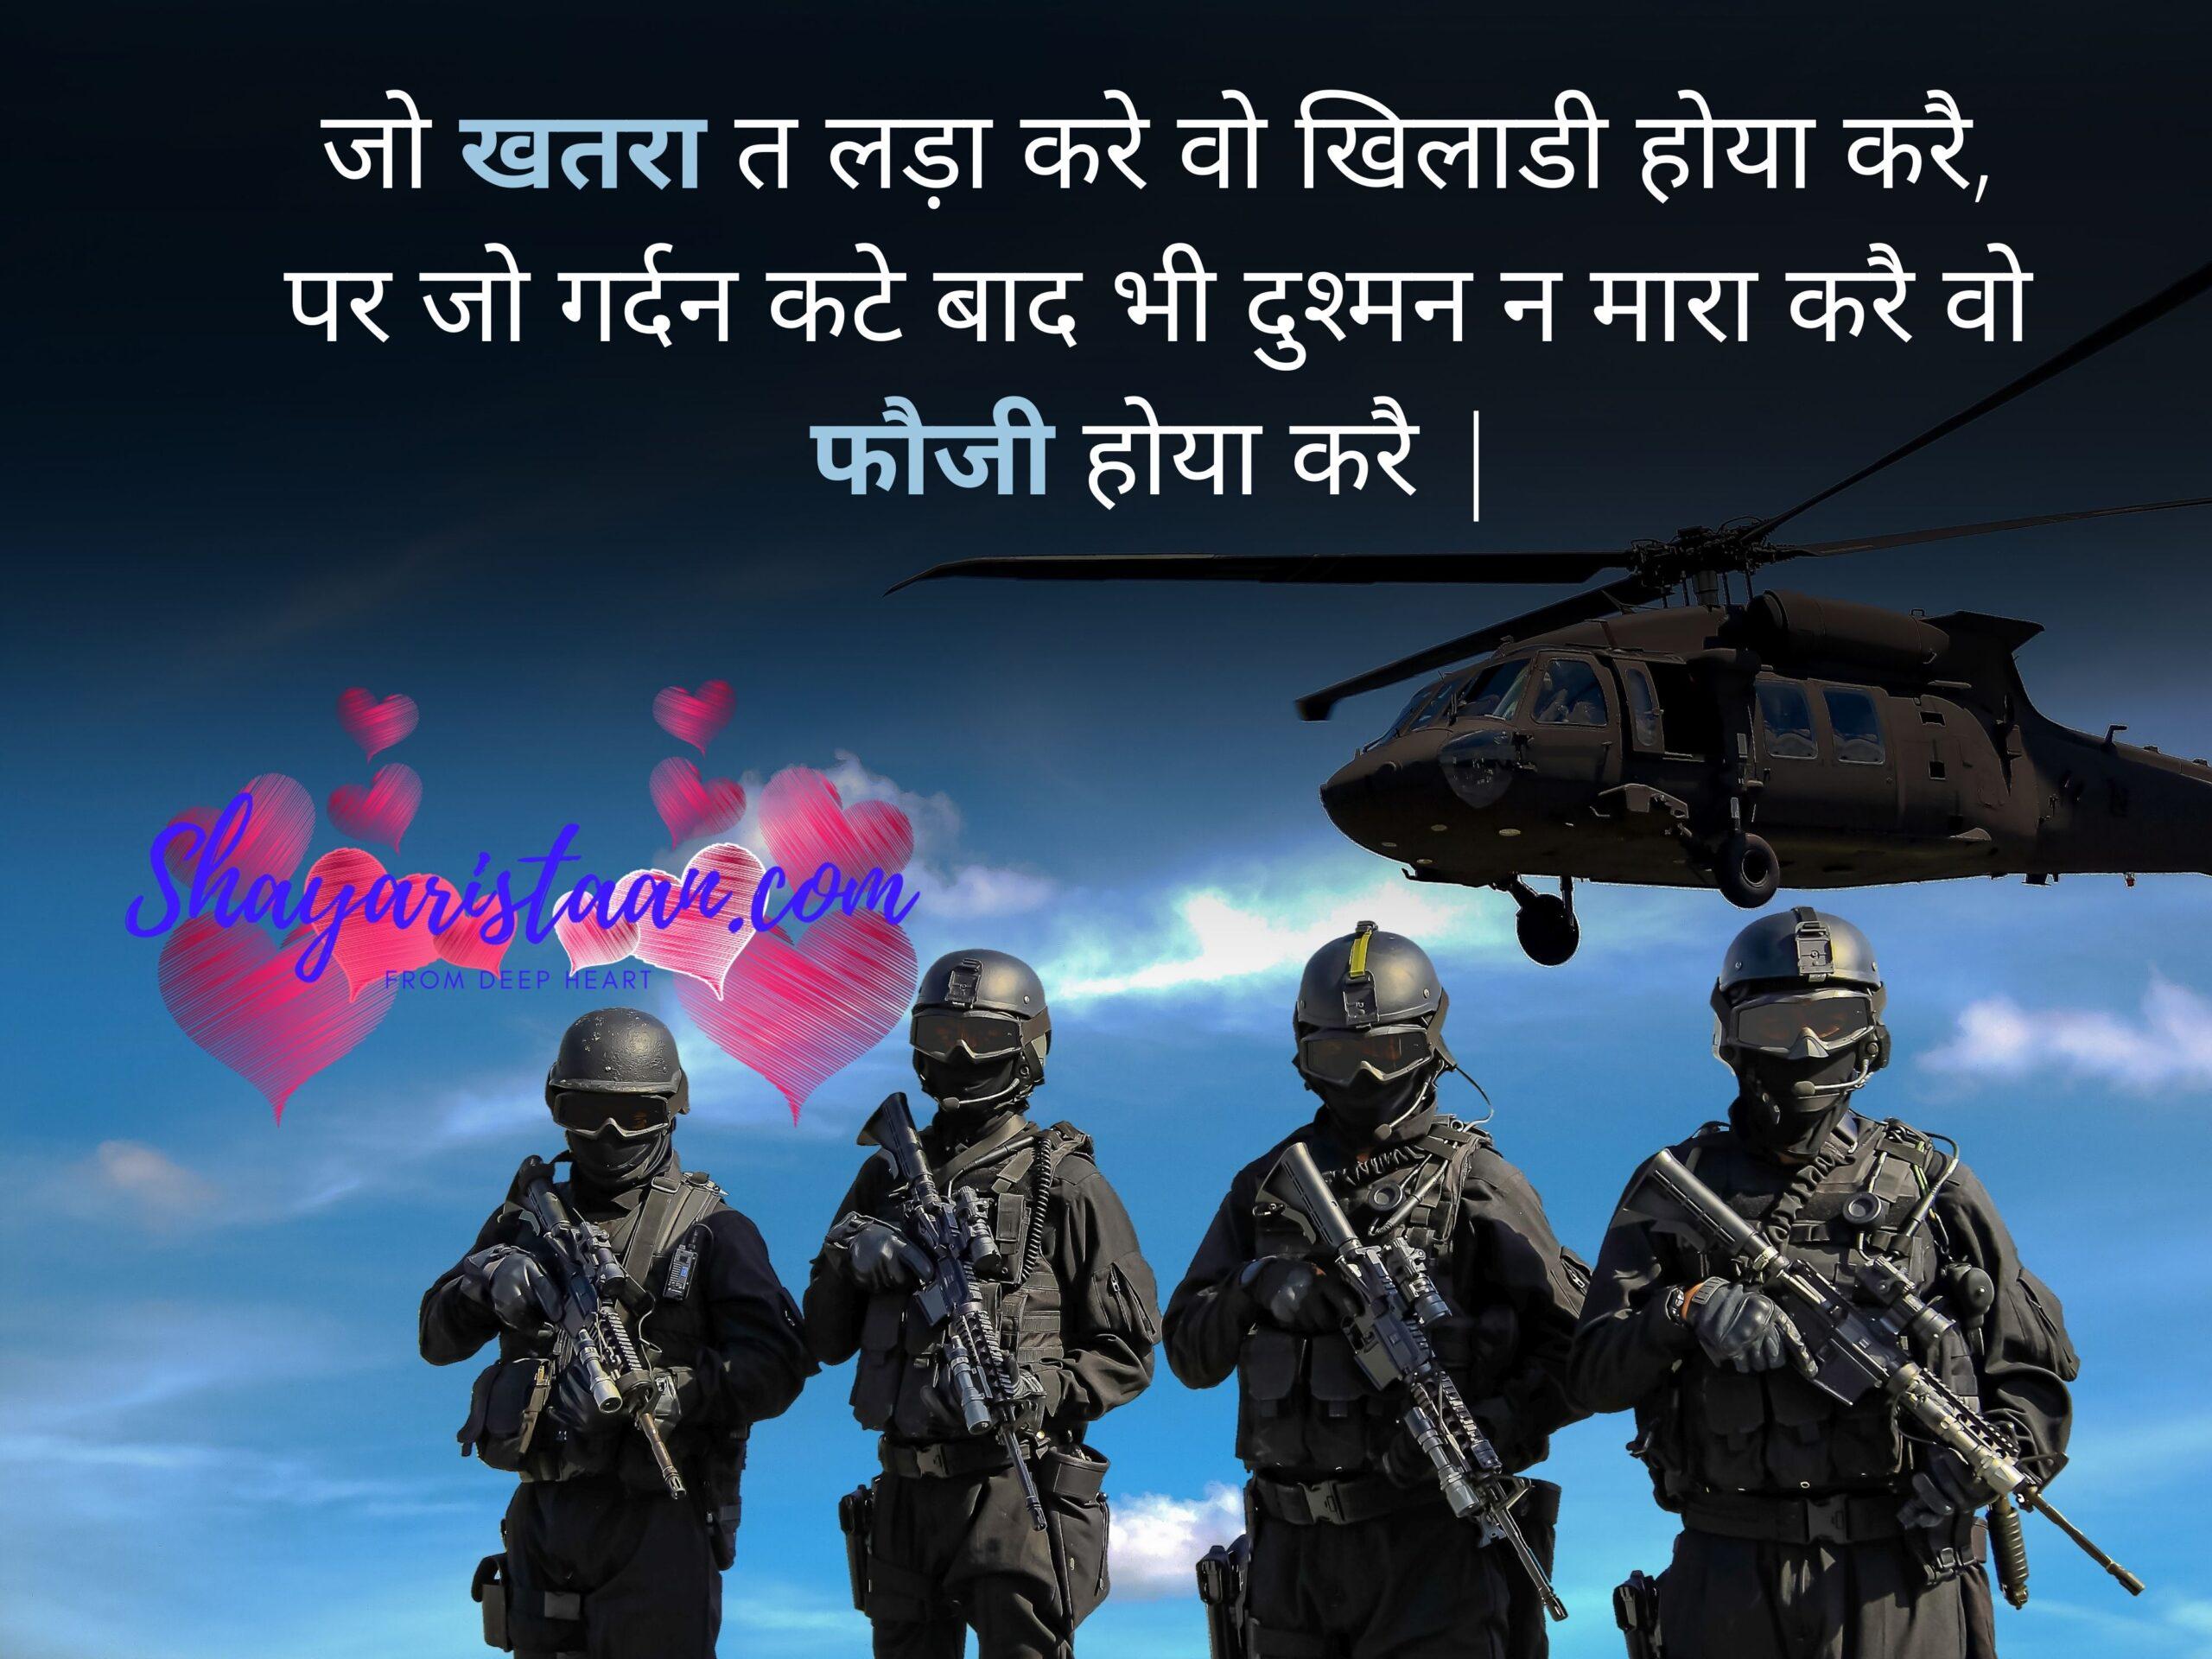 इंडियन आर्मी स्टेटस 2020, | जो खतरा त लड़ा करे वो खिलाडी होया करै, पर जो गर्दन कटे बाद भी दुश्मन न मारा करै वो फौजी होया करै |